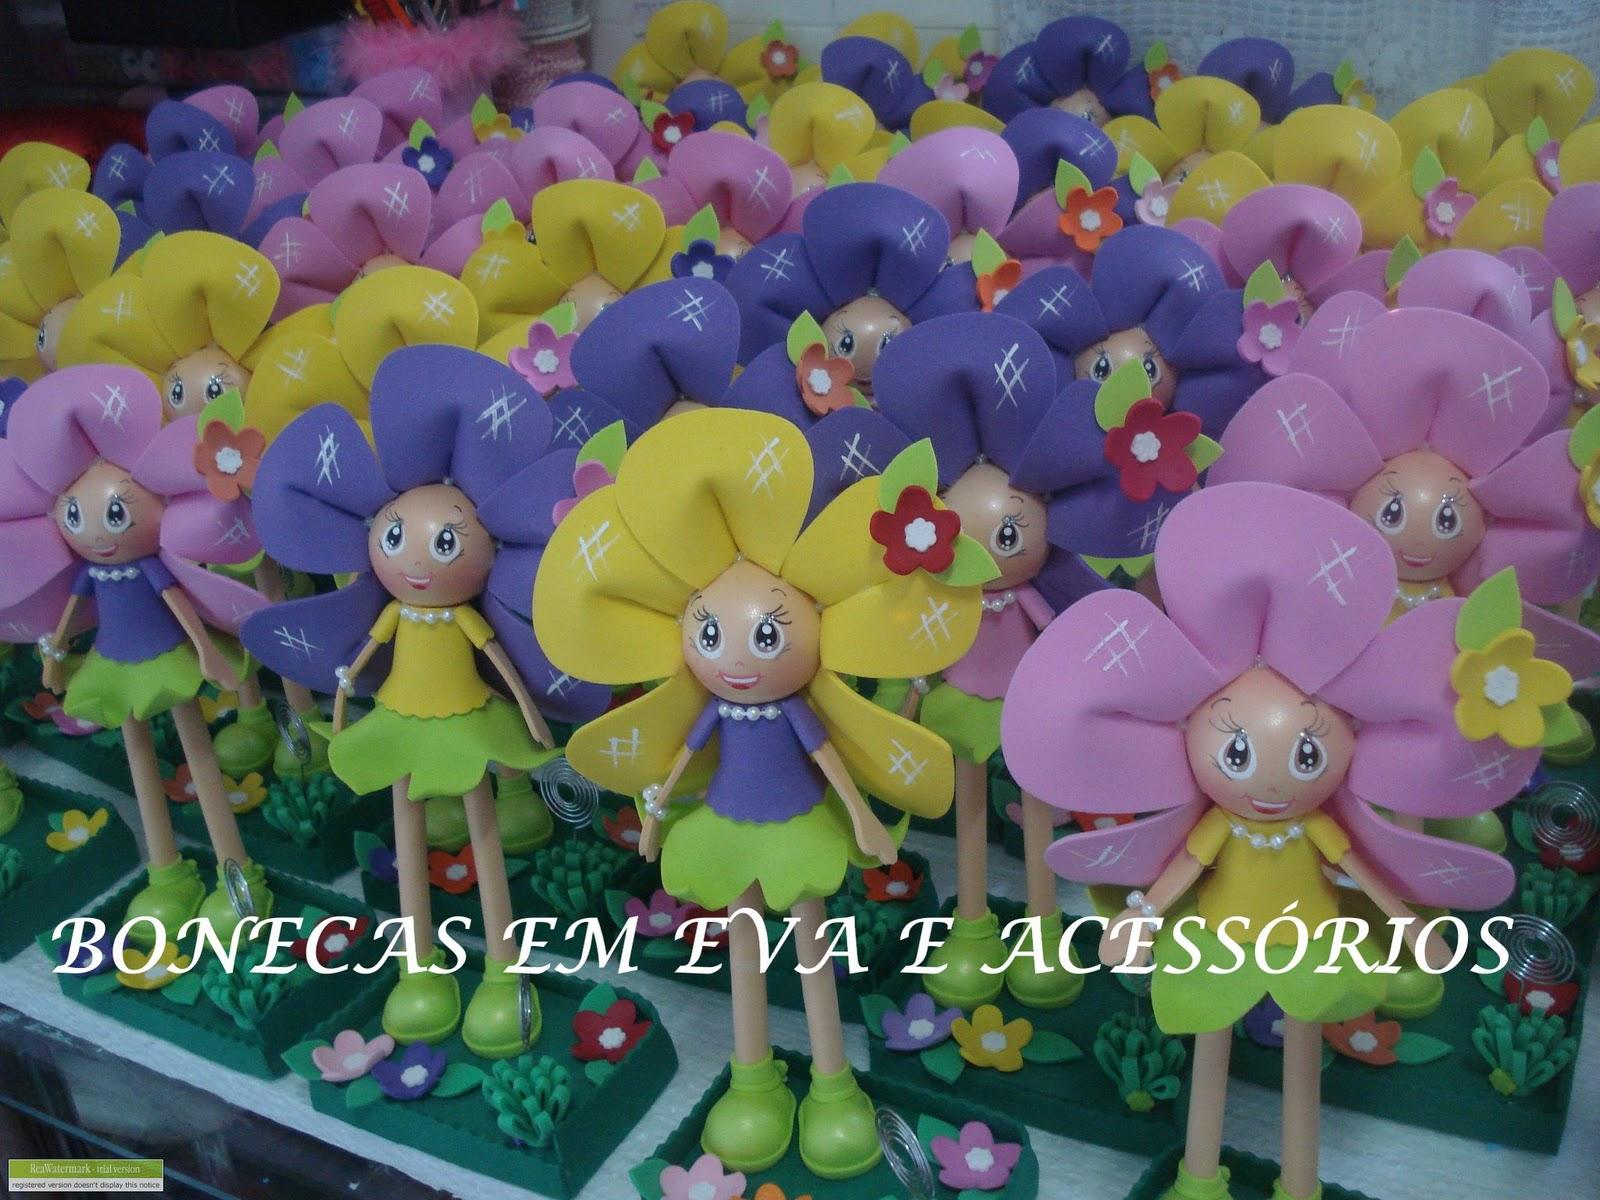 mini jardim acessorios:Bonecas em eva e acessorios.: FLORES PARA ENFEITAR O JARDIM (Mini